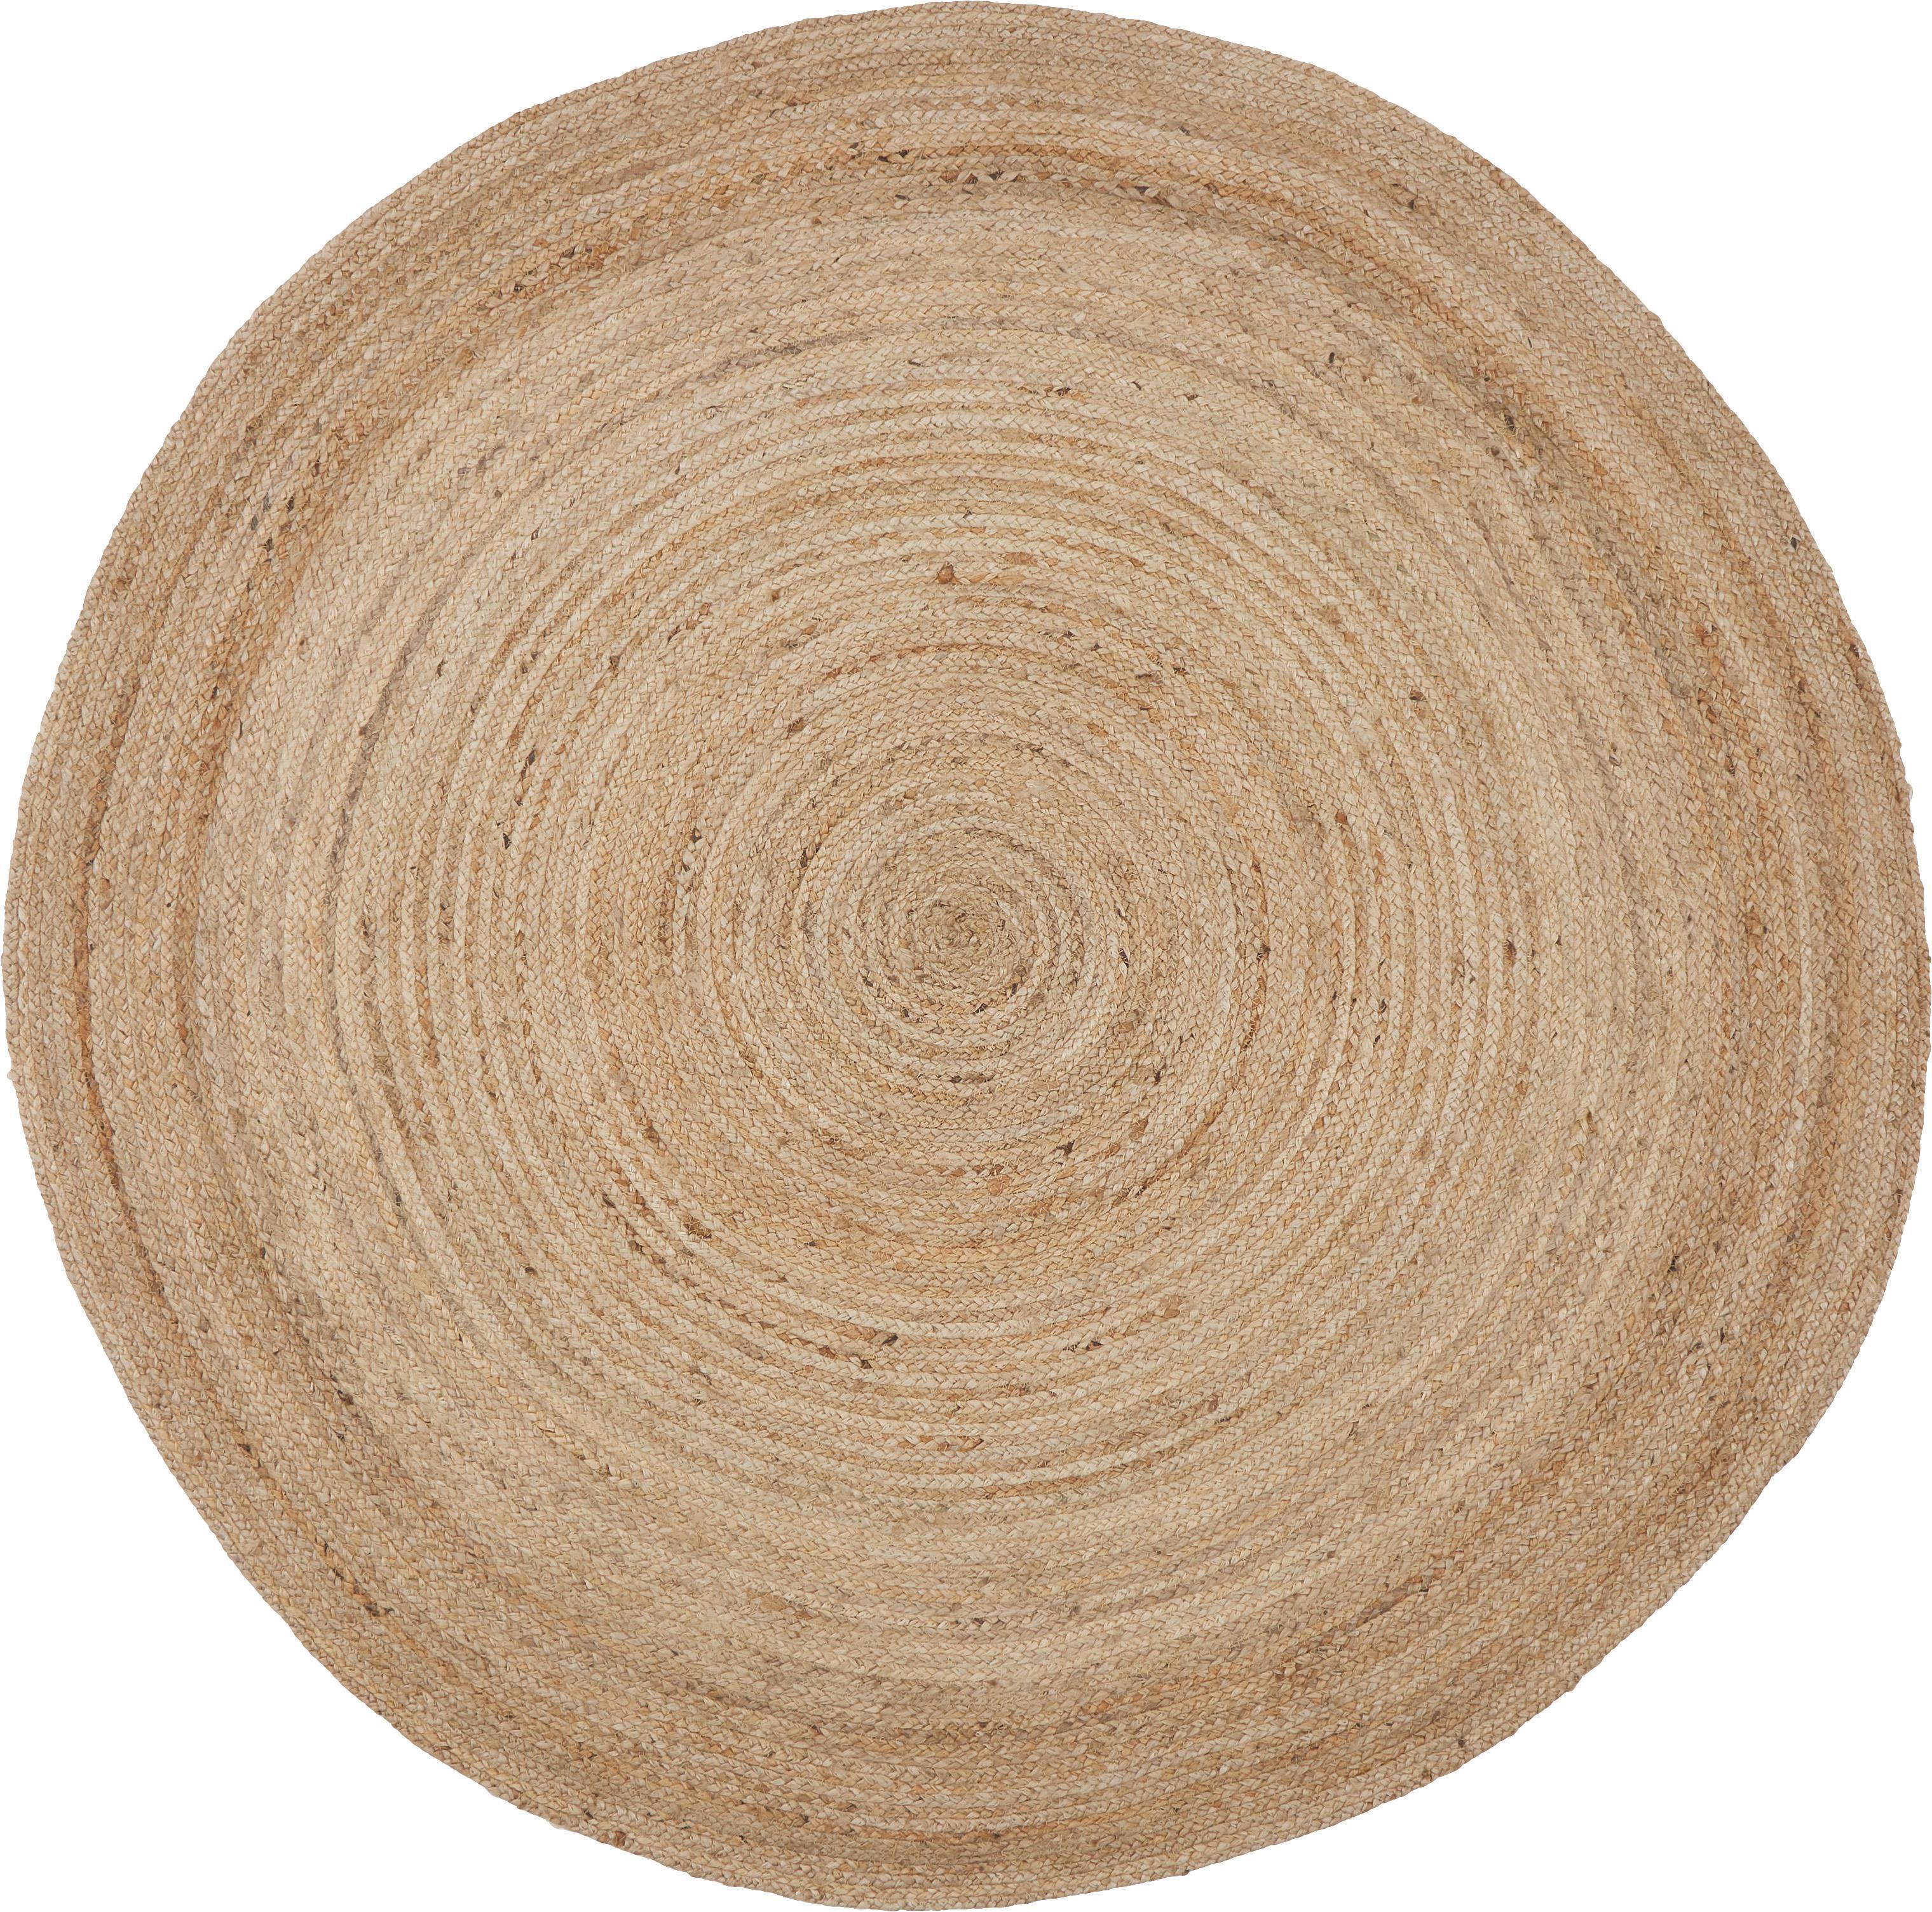 Okrągły dywan z juty Ural, Juta, Beżowy, Ø 150 cm (Rozmiar M)